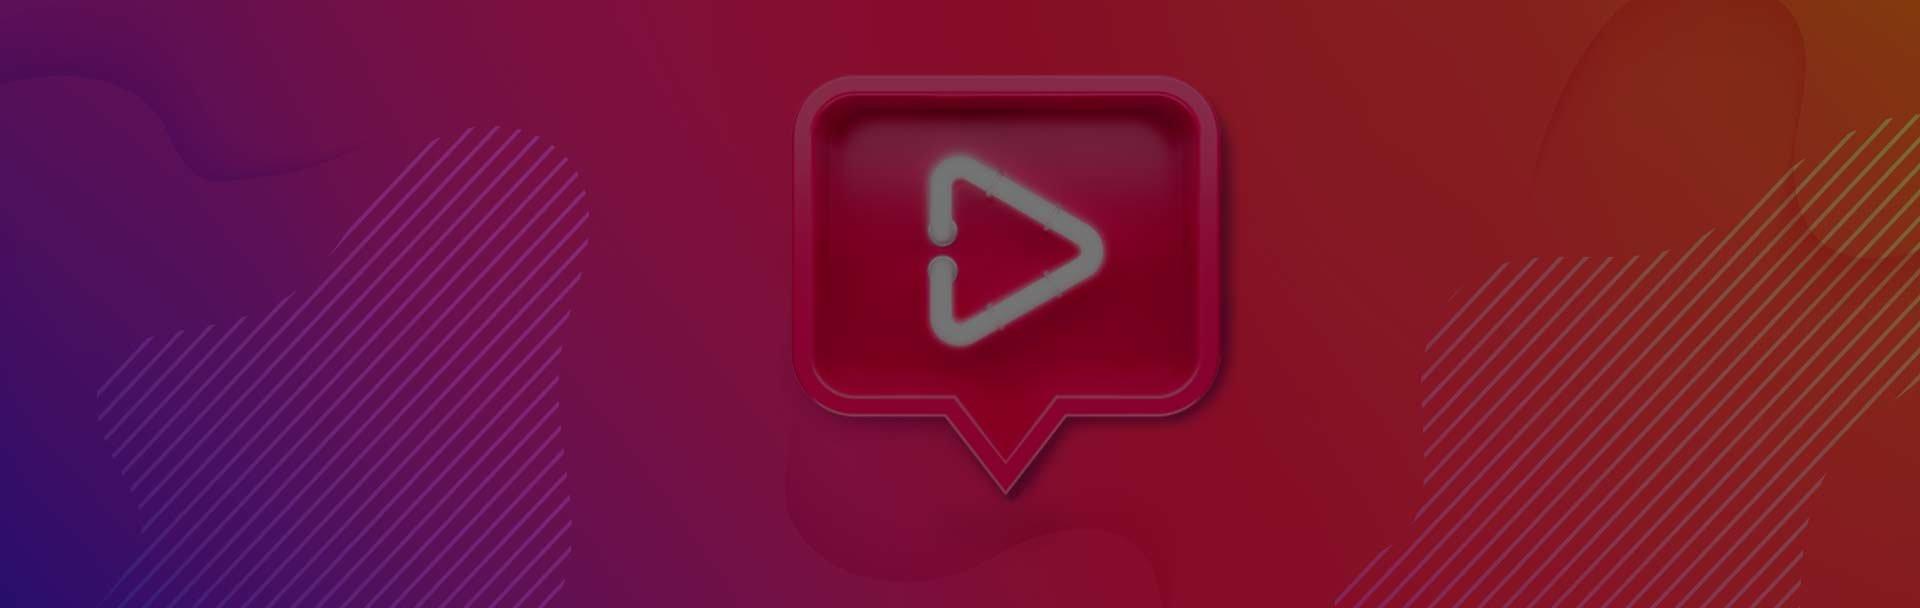 Solucionweb-estrategia-digital-inbound-que-todos-den-play-novedades-de-hubspot-video-dos